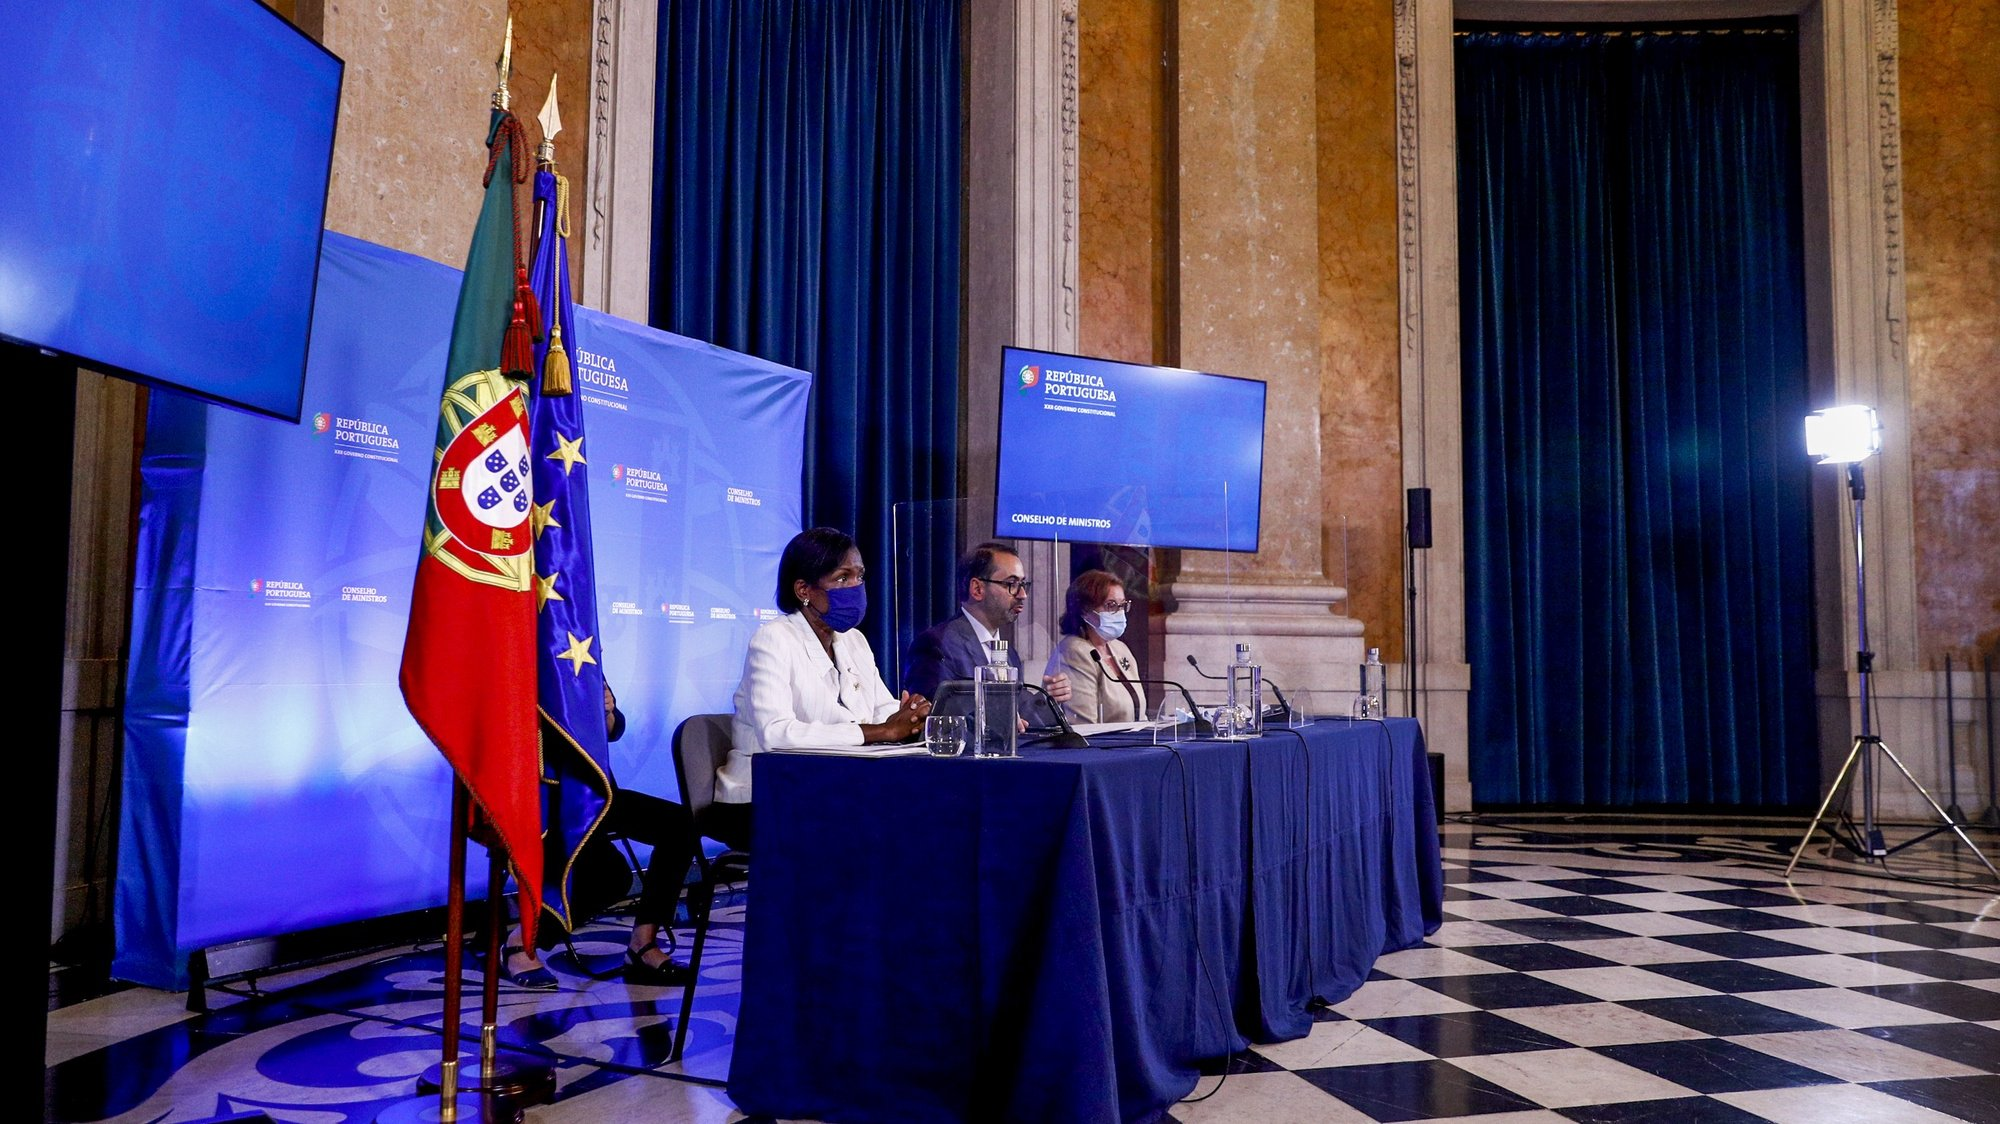 A ministra da Justiça, Francisca Van Dunem (E), acompanhada pelo secretário de Estado da Presidência do Conselho de Ministros, André Moz Caldas (C) e pela secretária de Estado dos Assuntos Europeus, Ana Paula Zacarias (D), durante a conferência de imprensa no final da reunião do Conselho de Ministros, que decorreu no Palácio da Ajuda, em Lisboa, 30 de setembro de 2021. ANTÓNIO COTRIM/LUSA